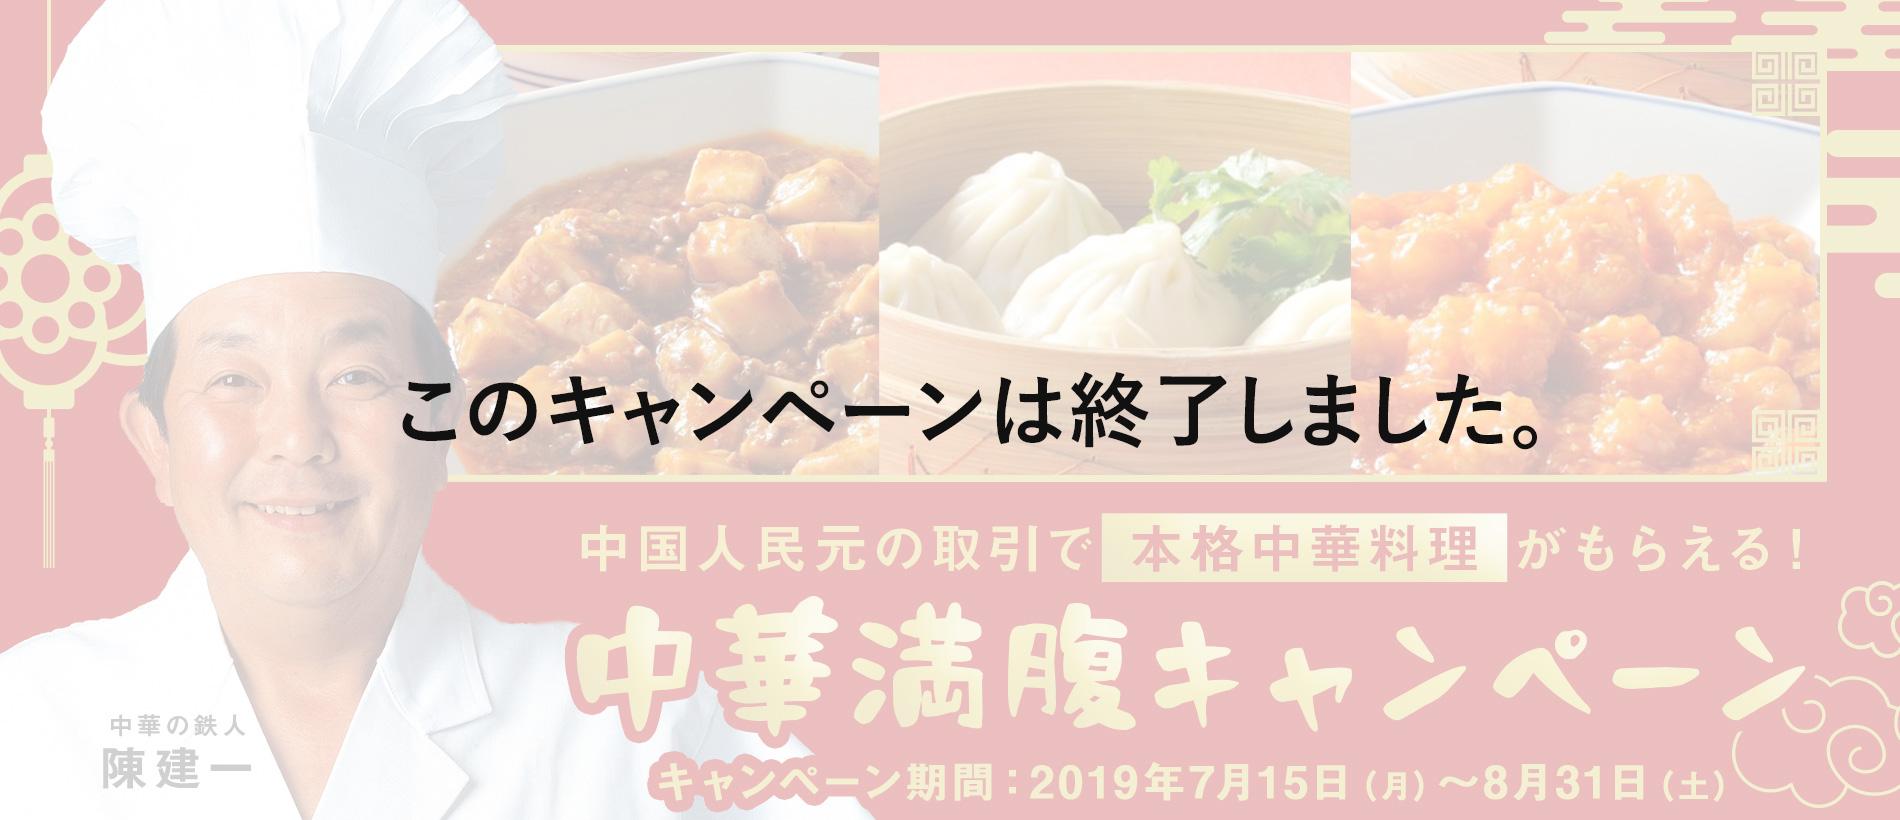 新規口座開設50,000円キャッシュバック(2019年7年~9月)